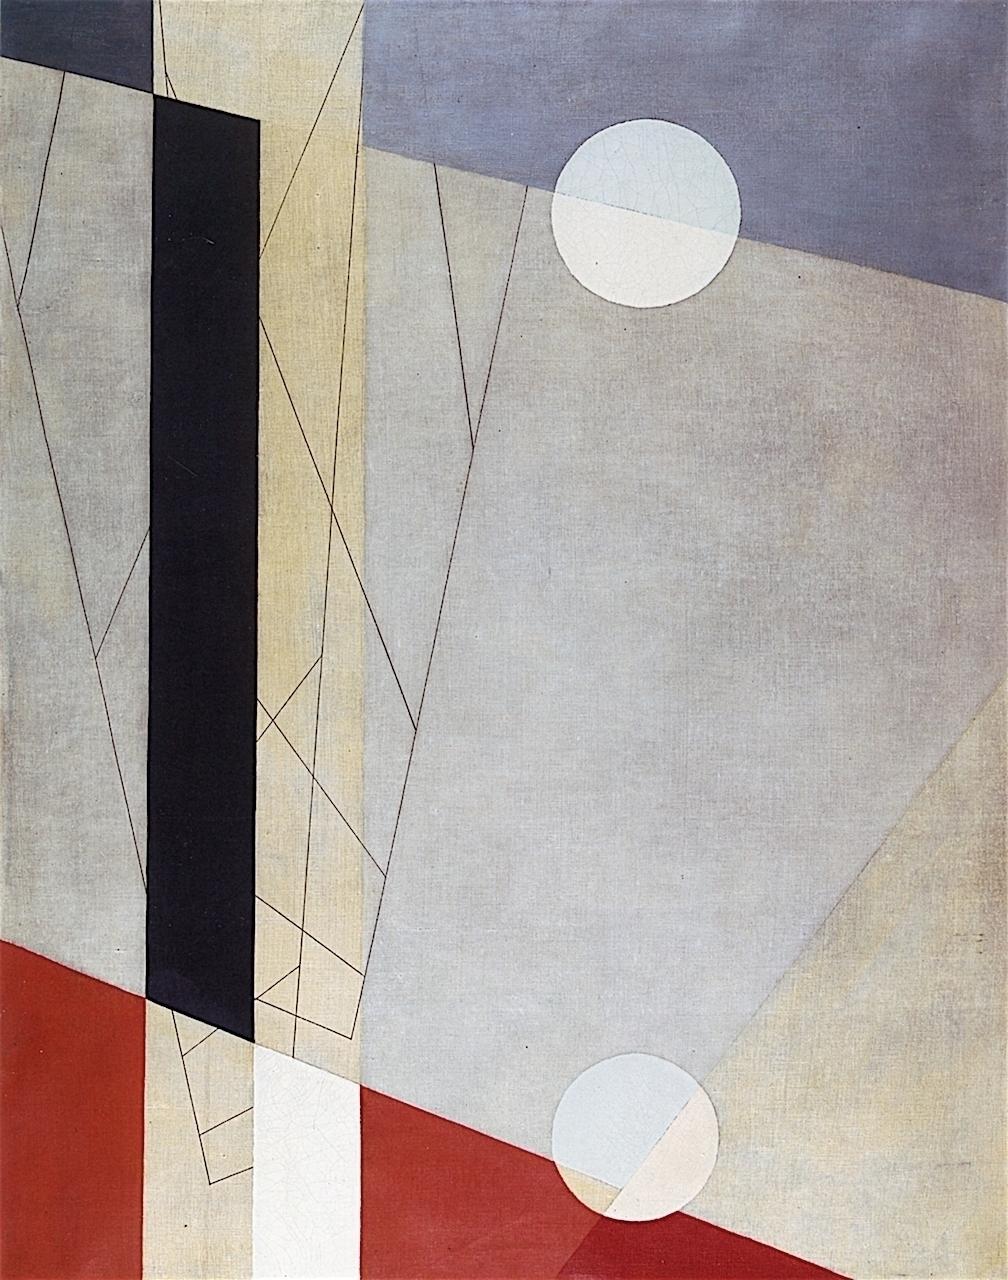 László Moholy-Nagy: VI, 1925 - arthurboehm   ello